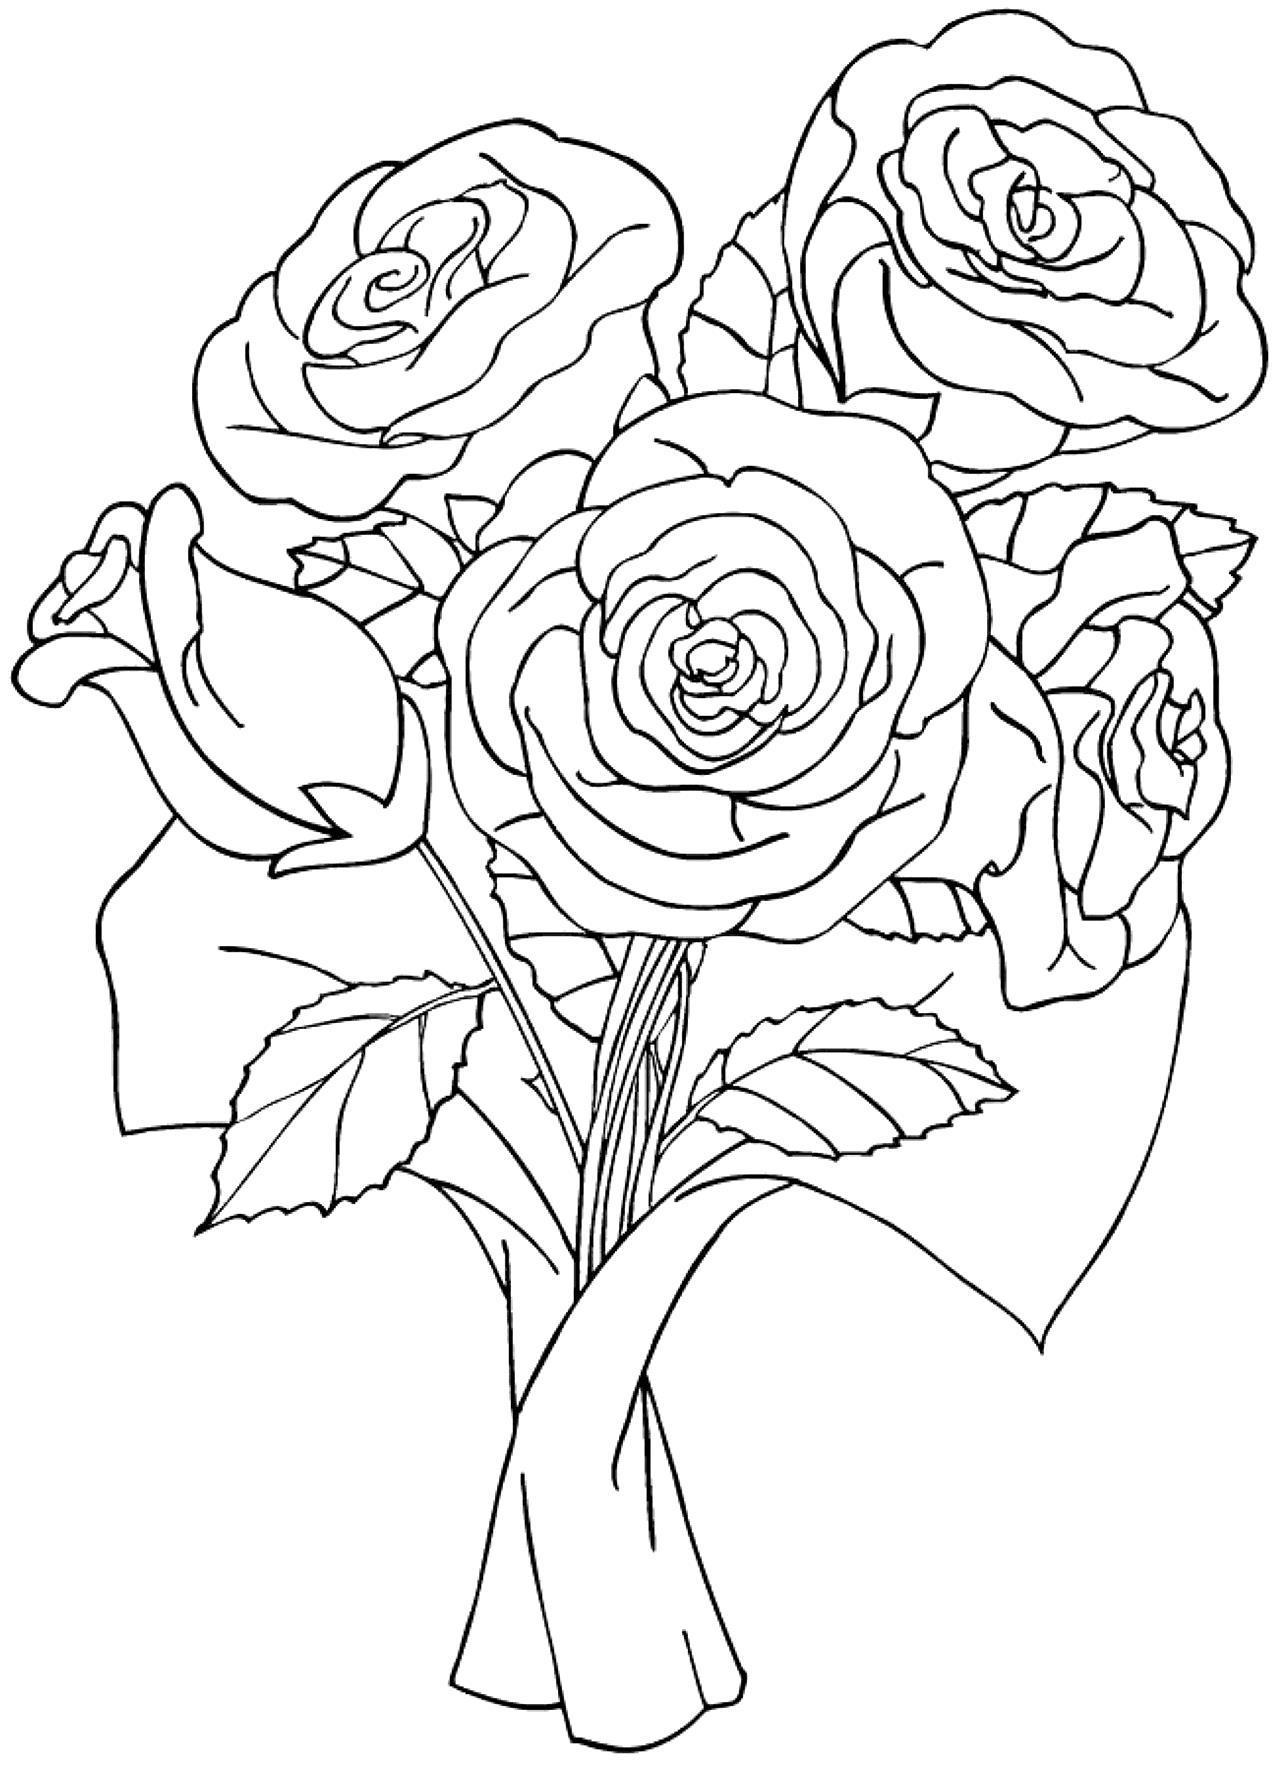 Раскраски с букетами роз